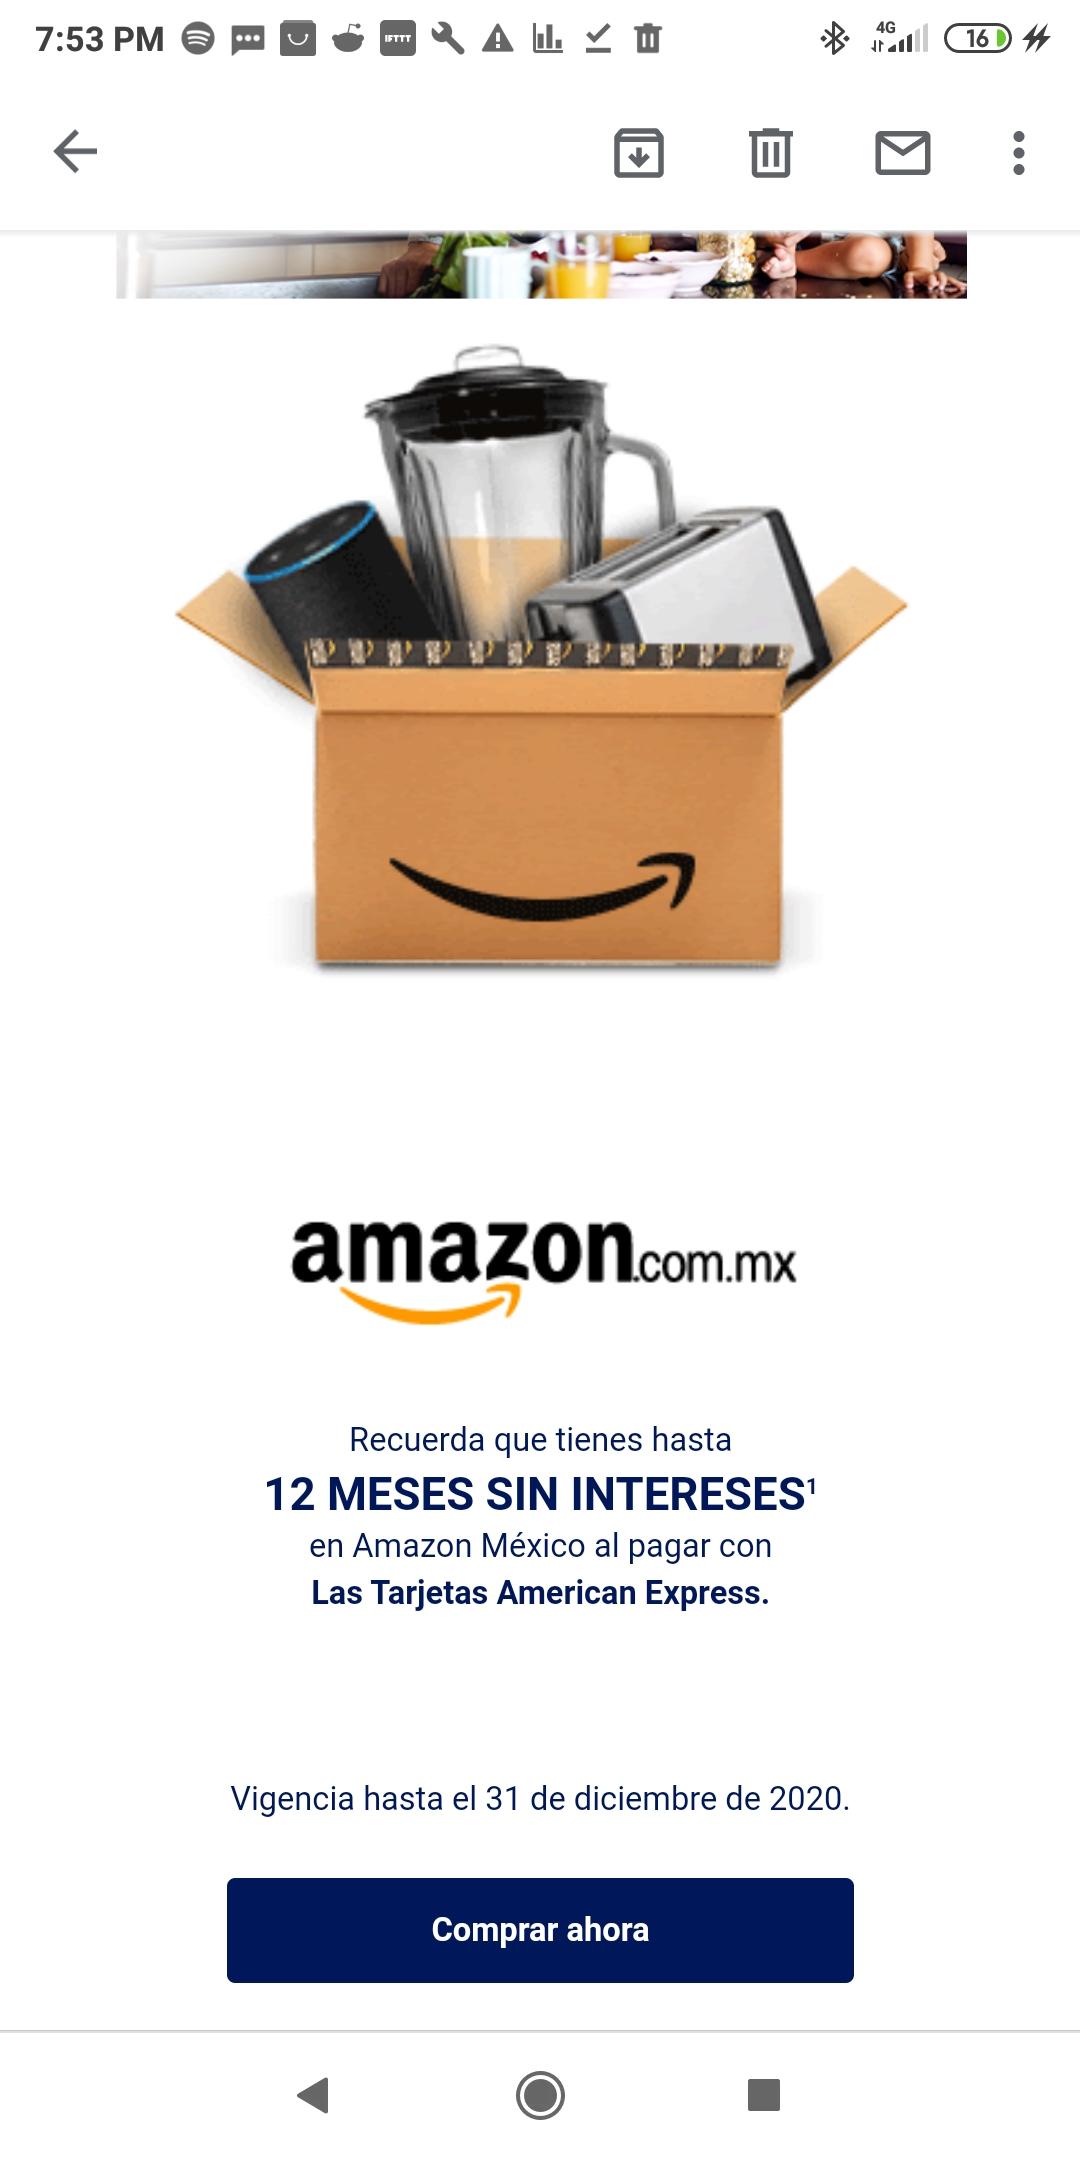 Amazon: American Express 12 MSI